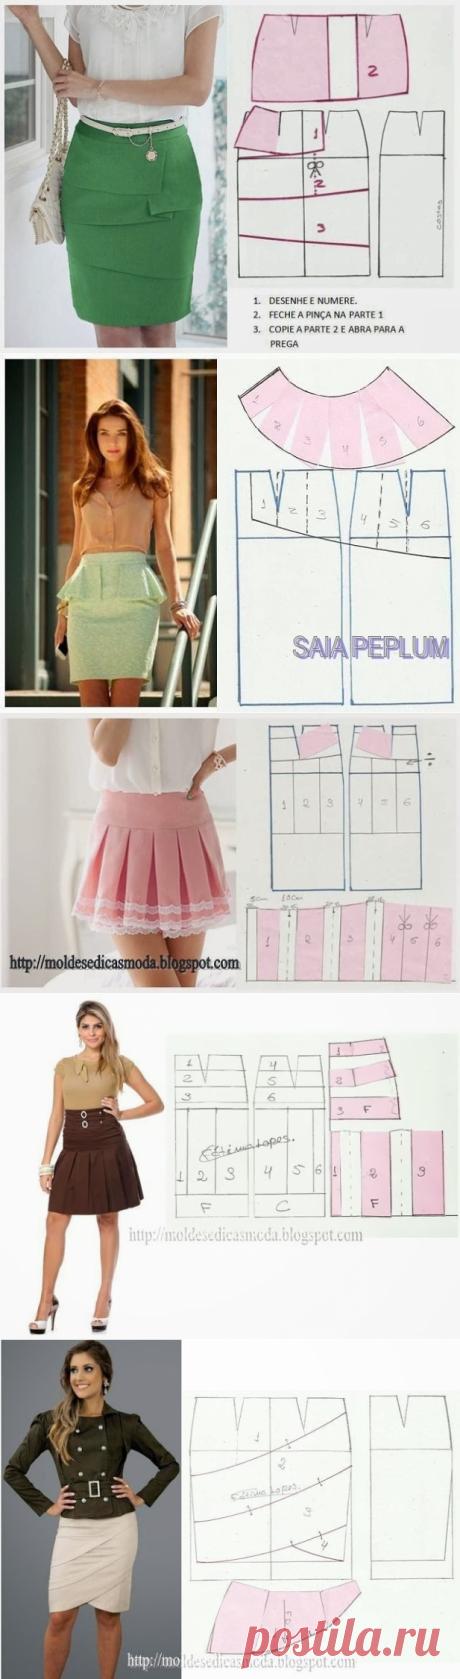 Моделирование женских юбок для лета — Сделай сам, идеи для творчества - DIY Ideas